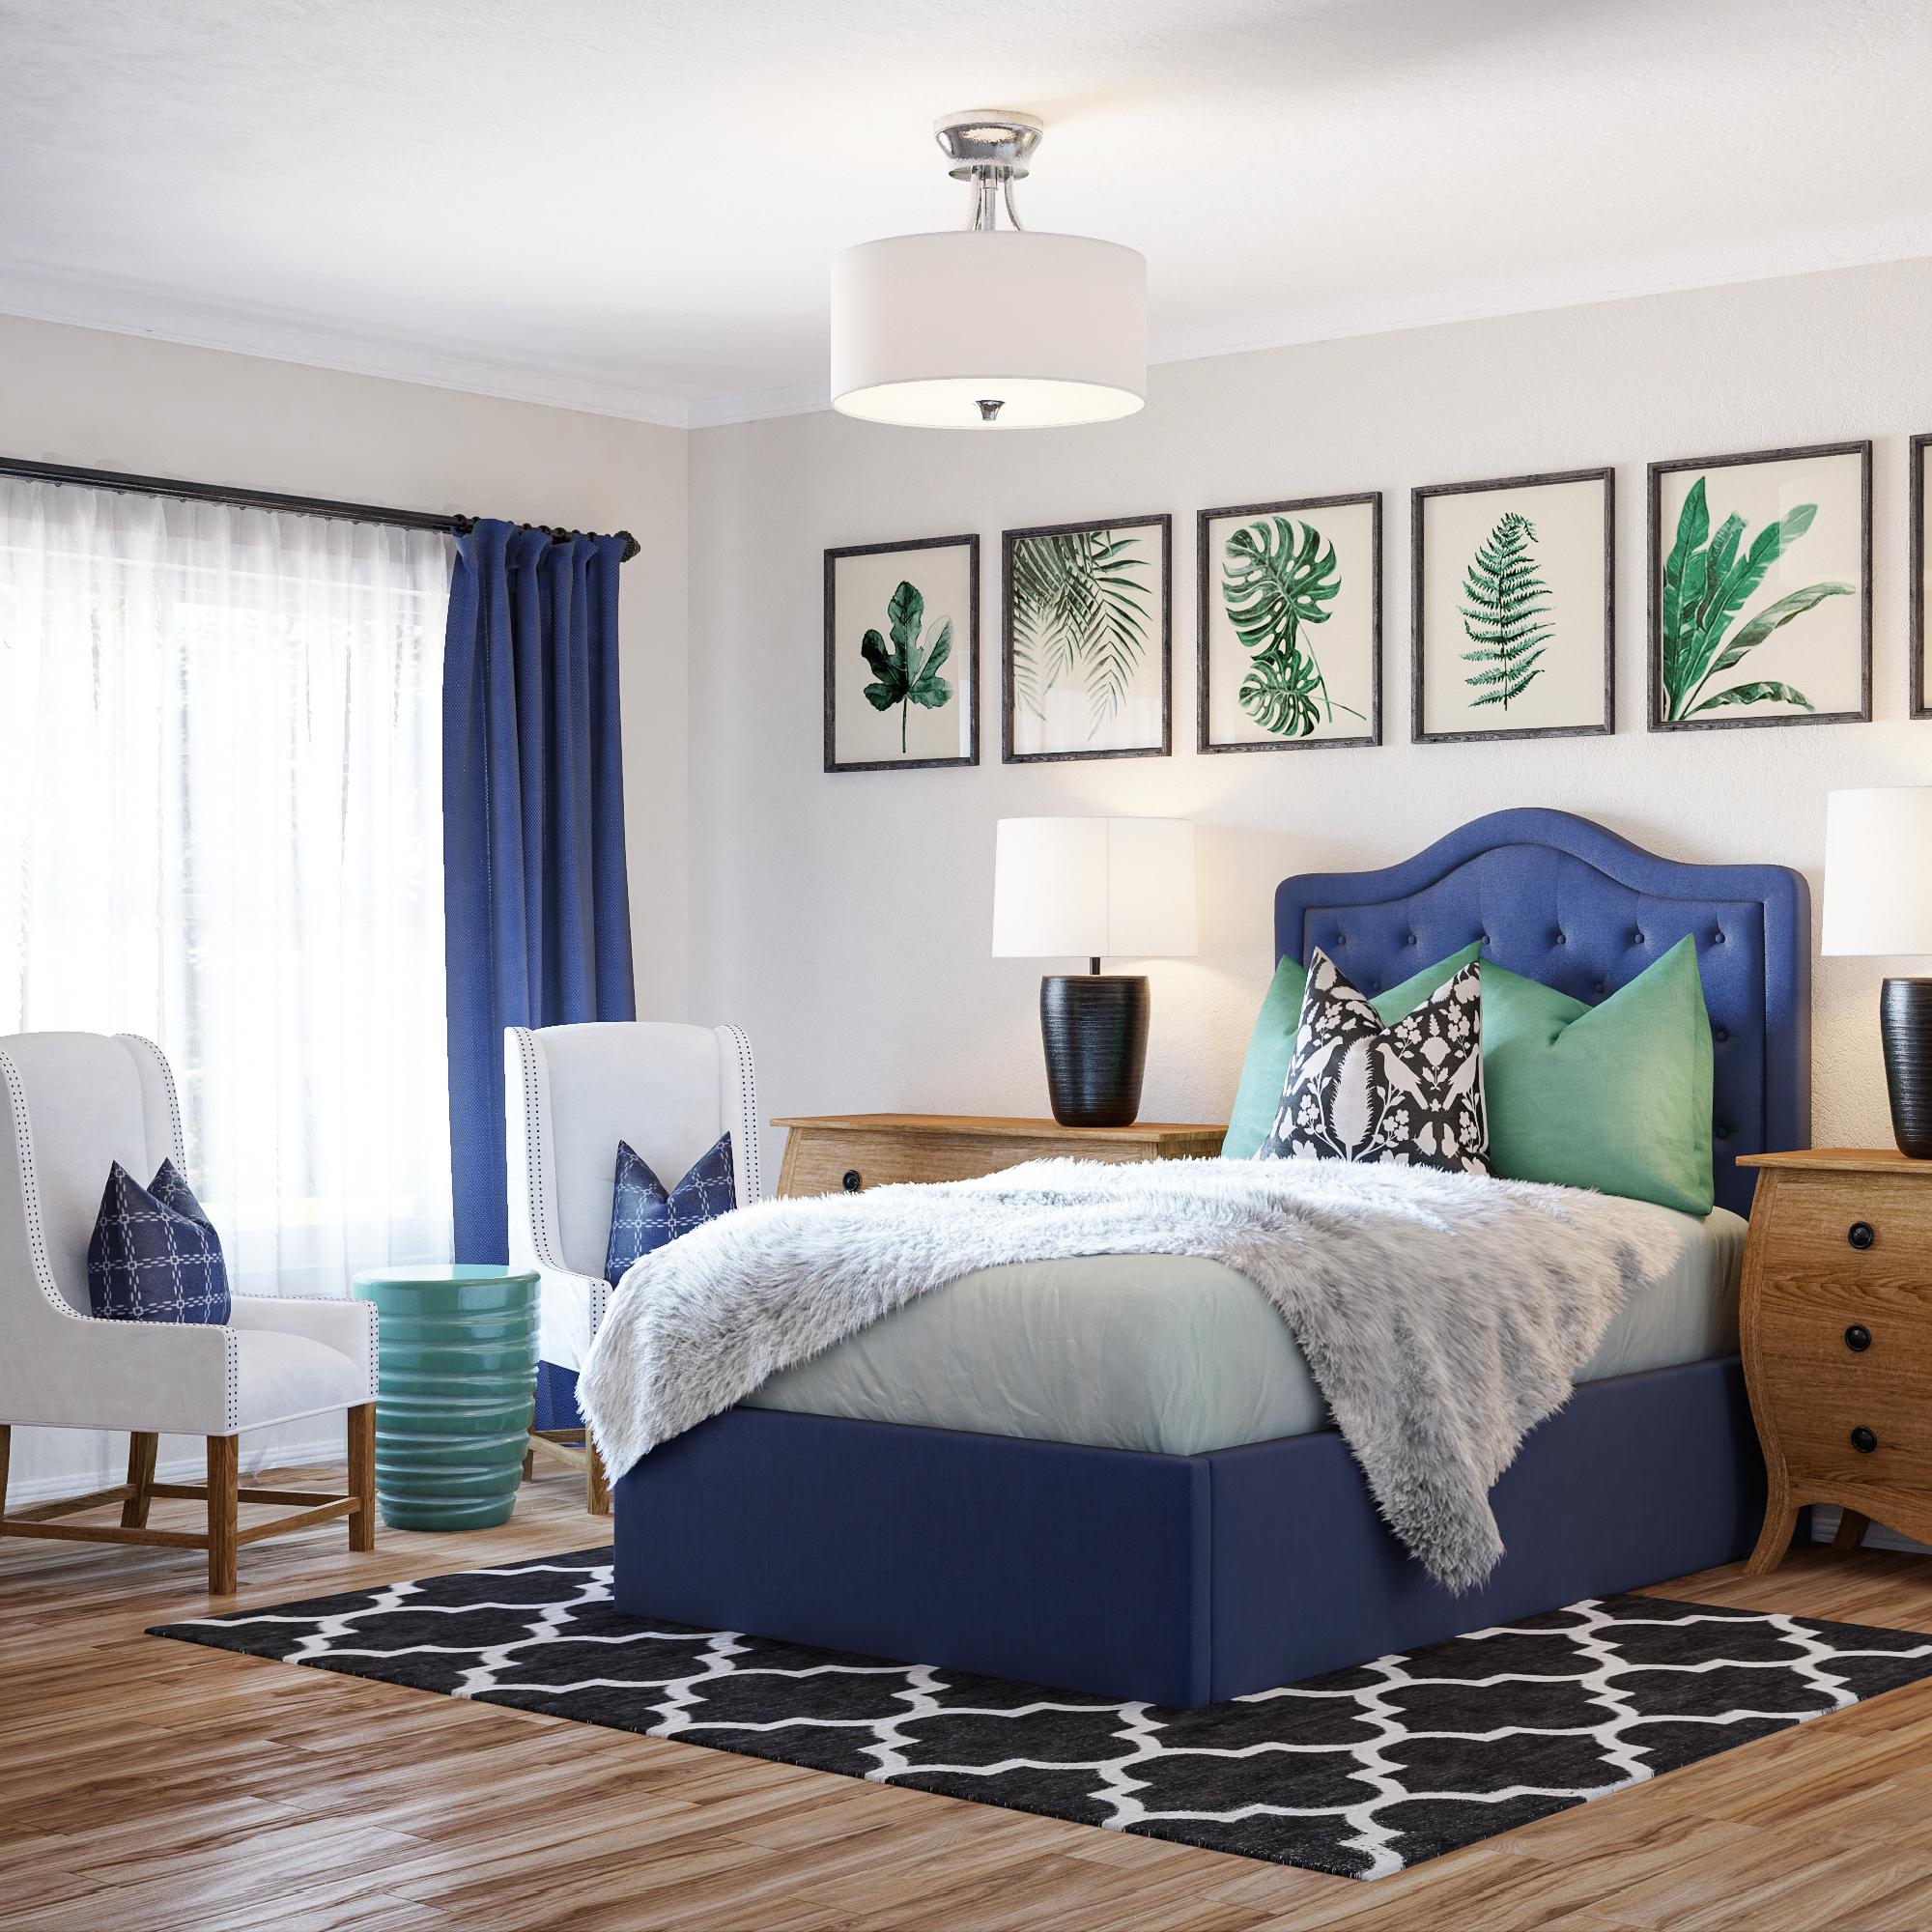 Schlafzimmer im amerikanischen Stil